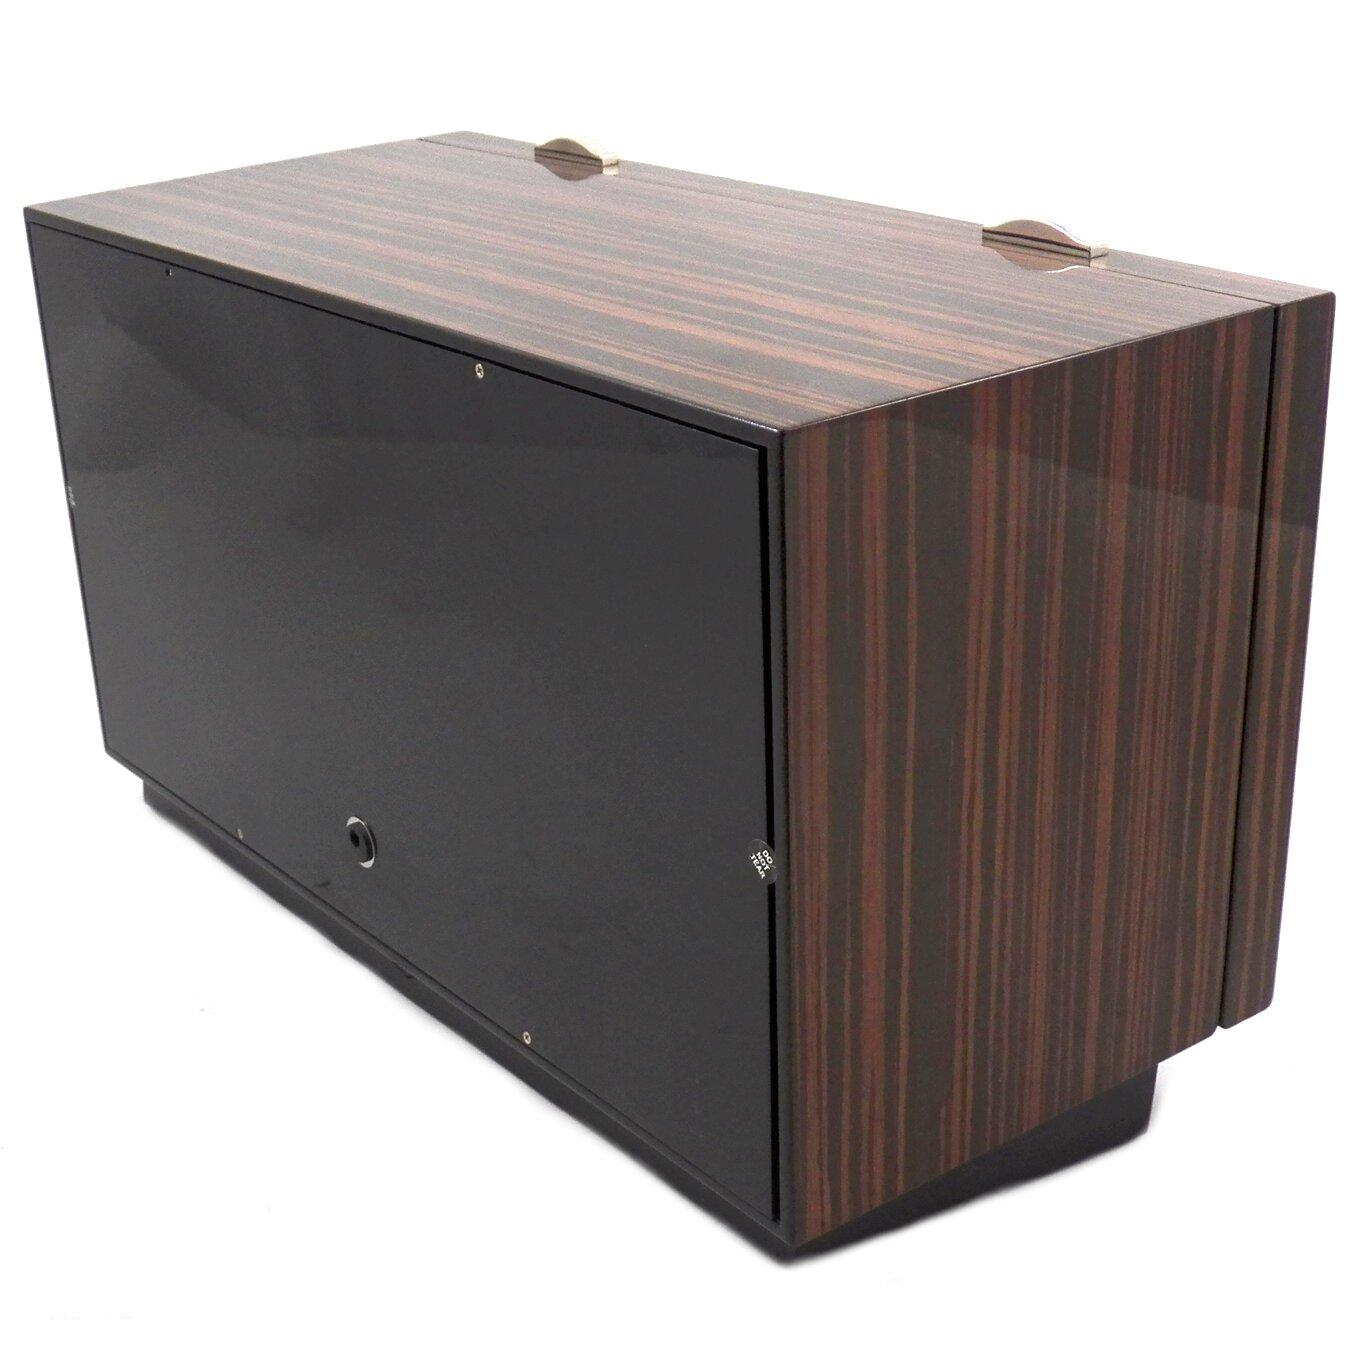 Bey berk 2 watch box wayfair for Bey berk jewelry box